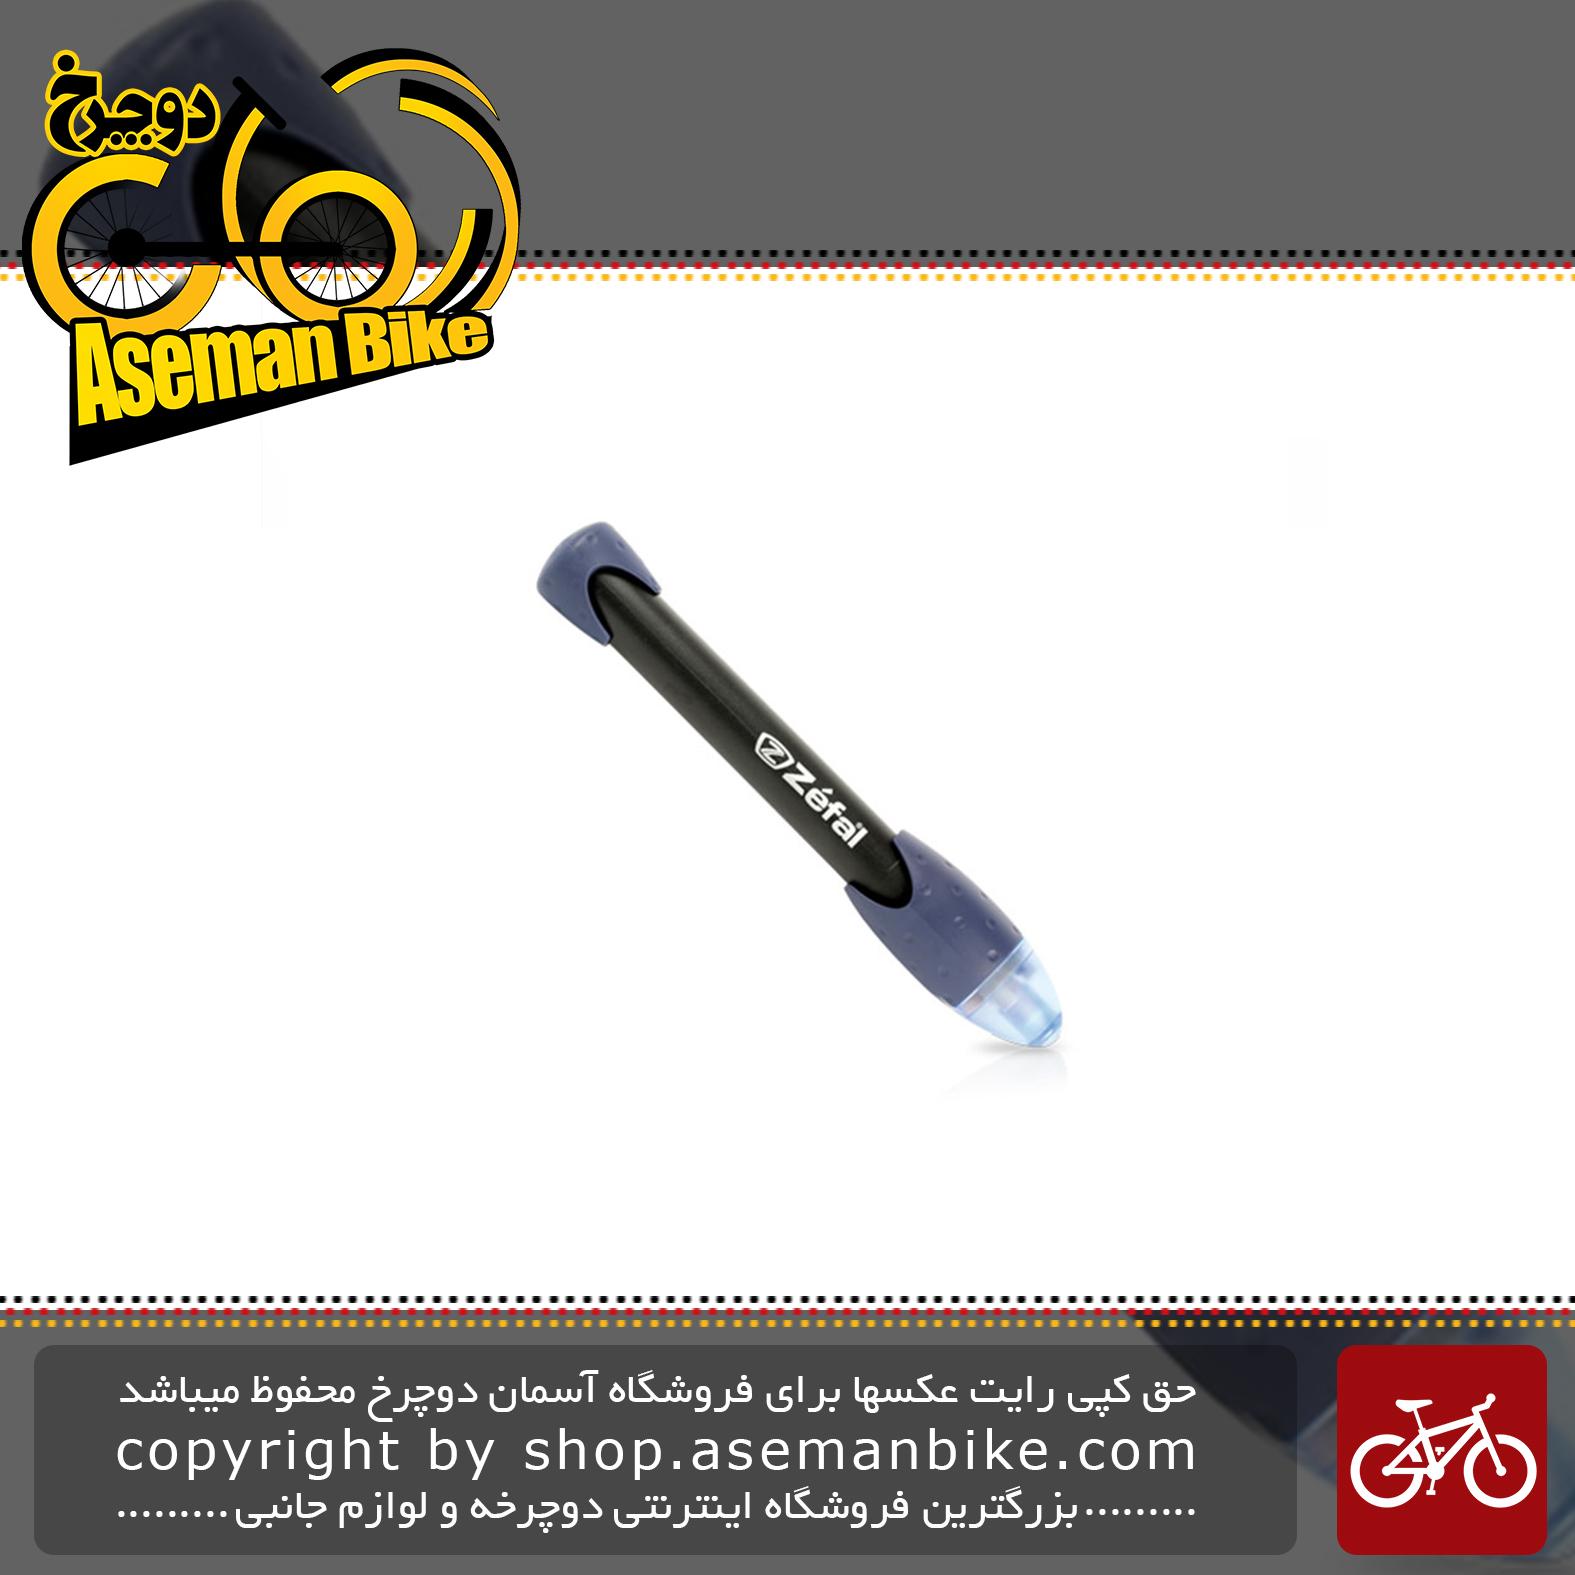 تلمبه دستی پی اس ای 58 دوچرخه زفال مدل Pumo zefal۳۱۸۰